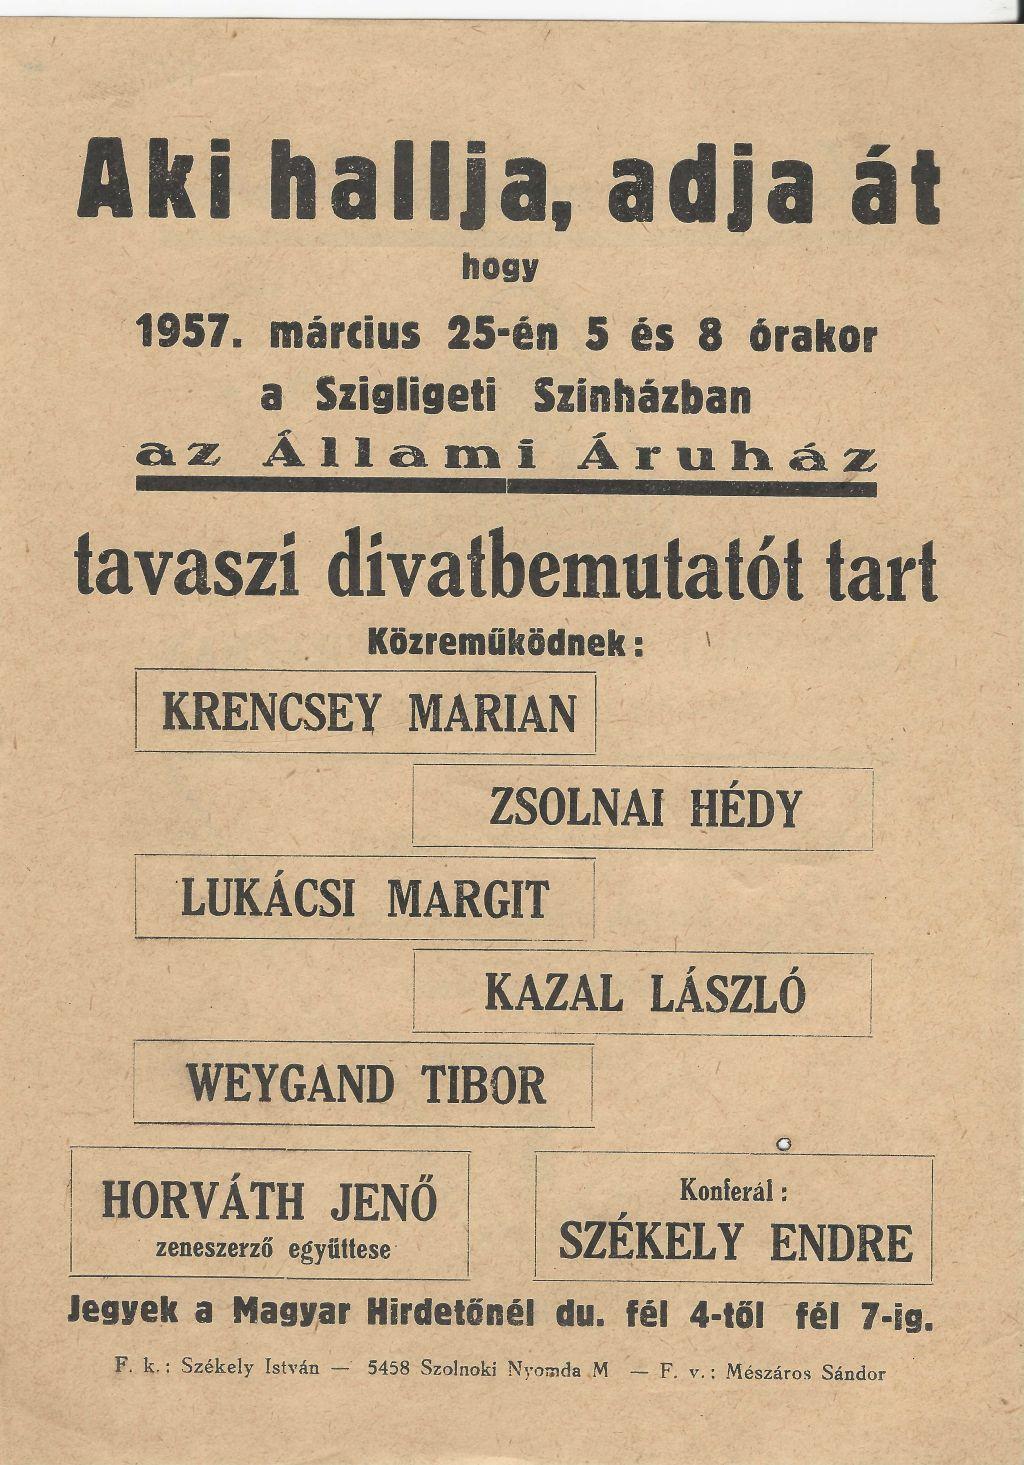 A Szigligeti Színházban 1957. március 25-én az Állami Áruház tavaszi divatbemutatót tart